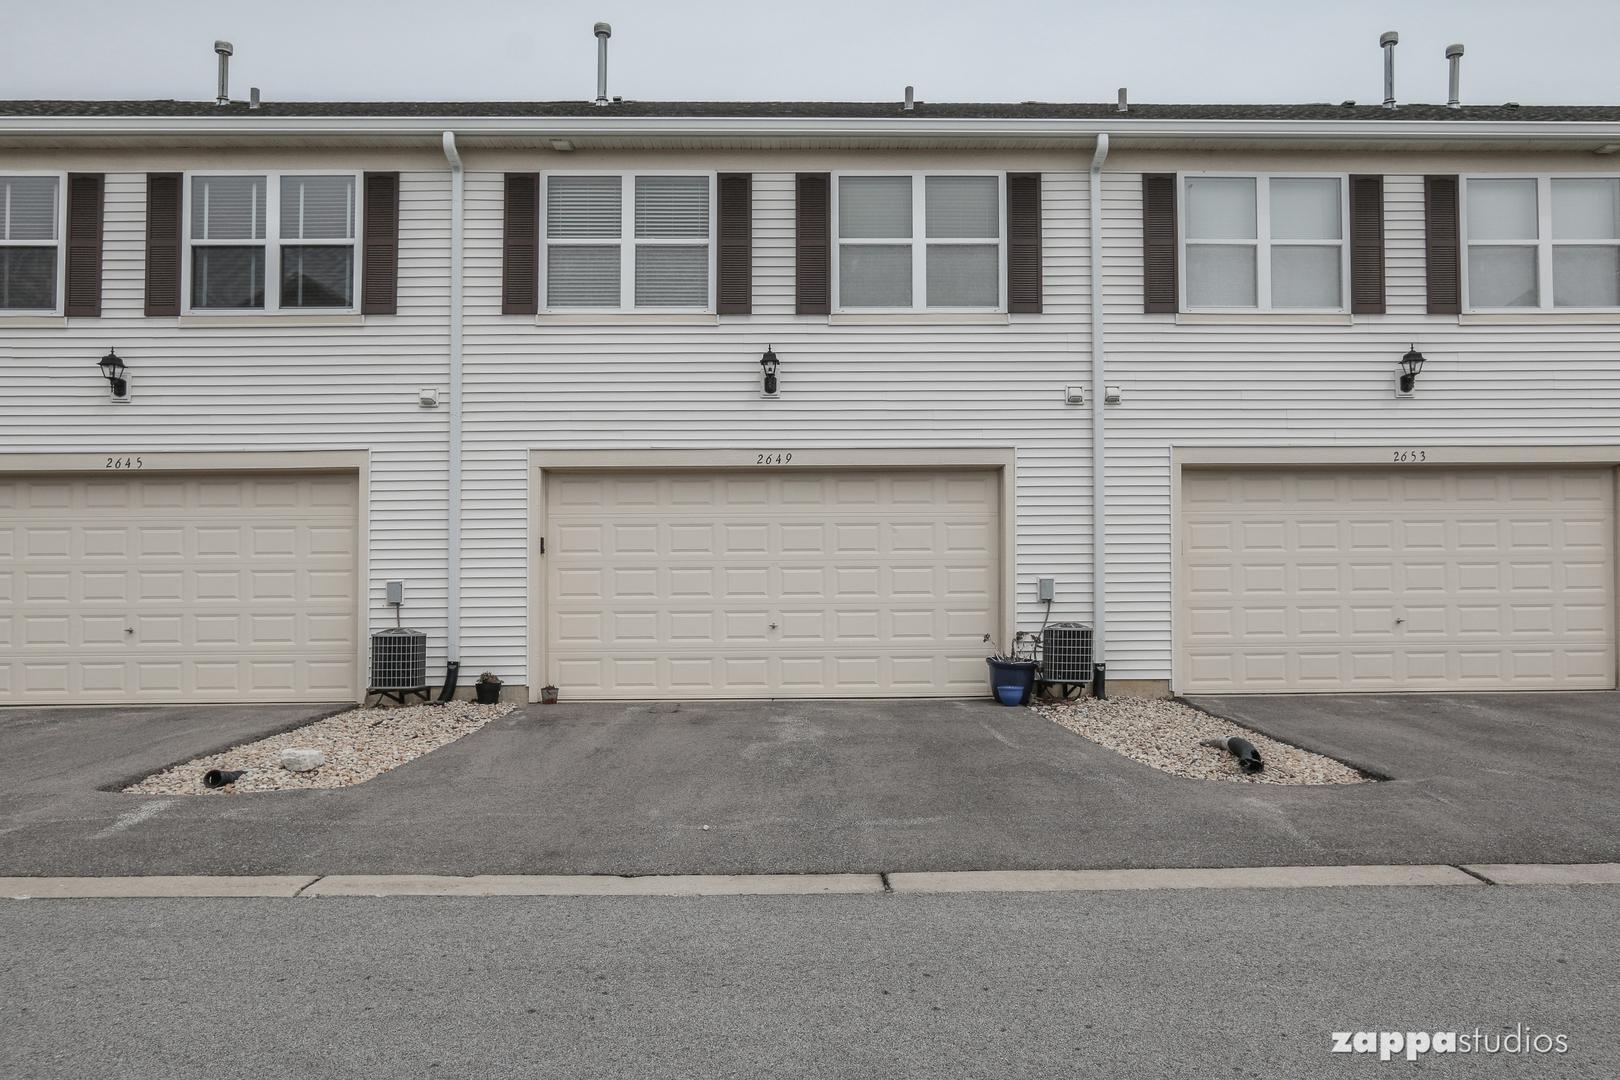 2649 Hillsboro, AURORA, Illinois, 60503